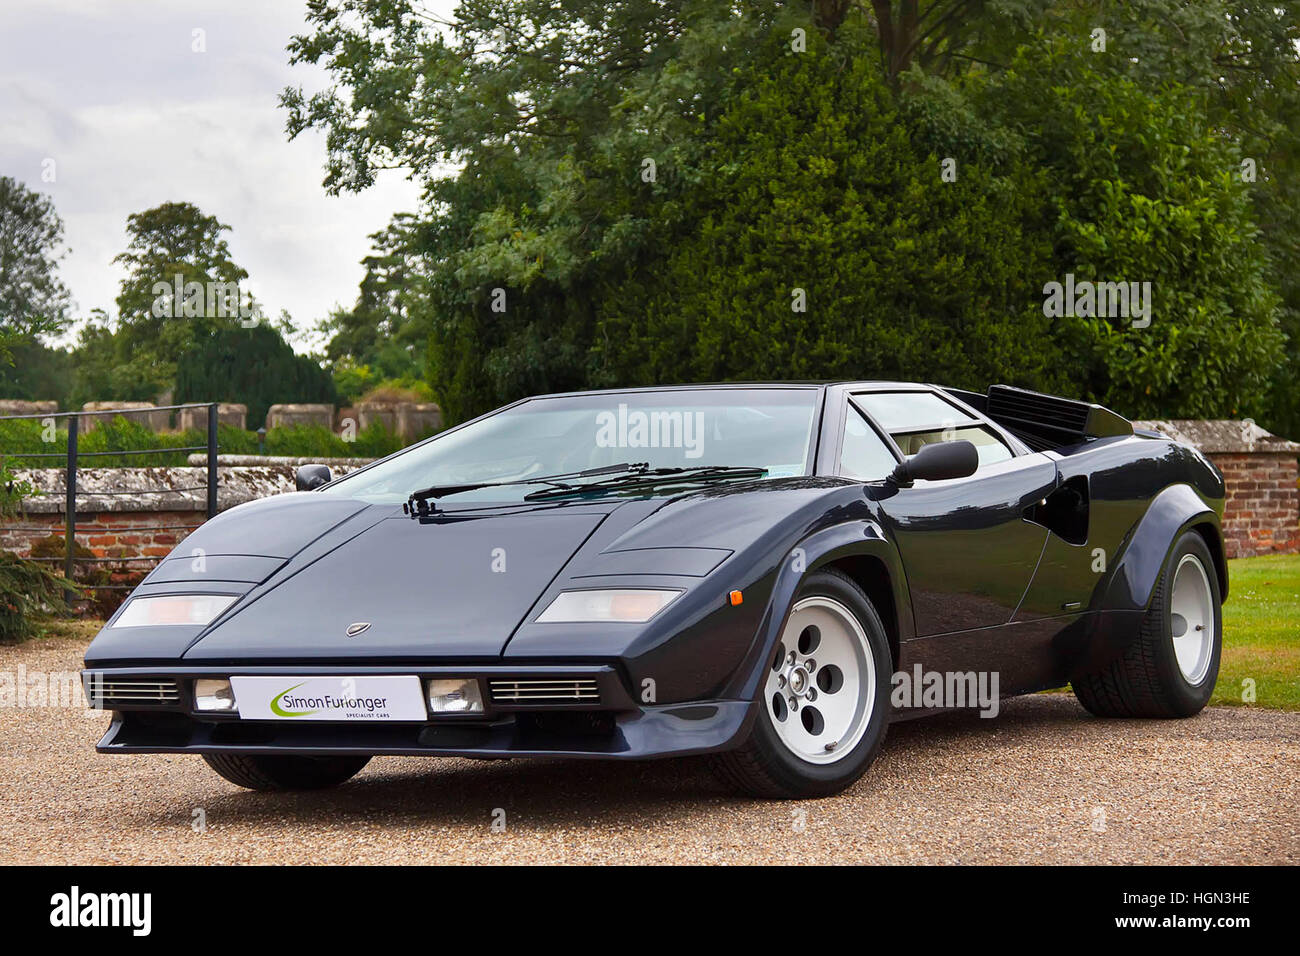 Lamborghini Countach 5000 Quattrovalvole Stock Photo 130770906 Alamy